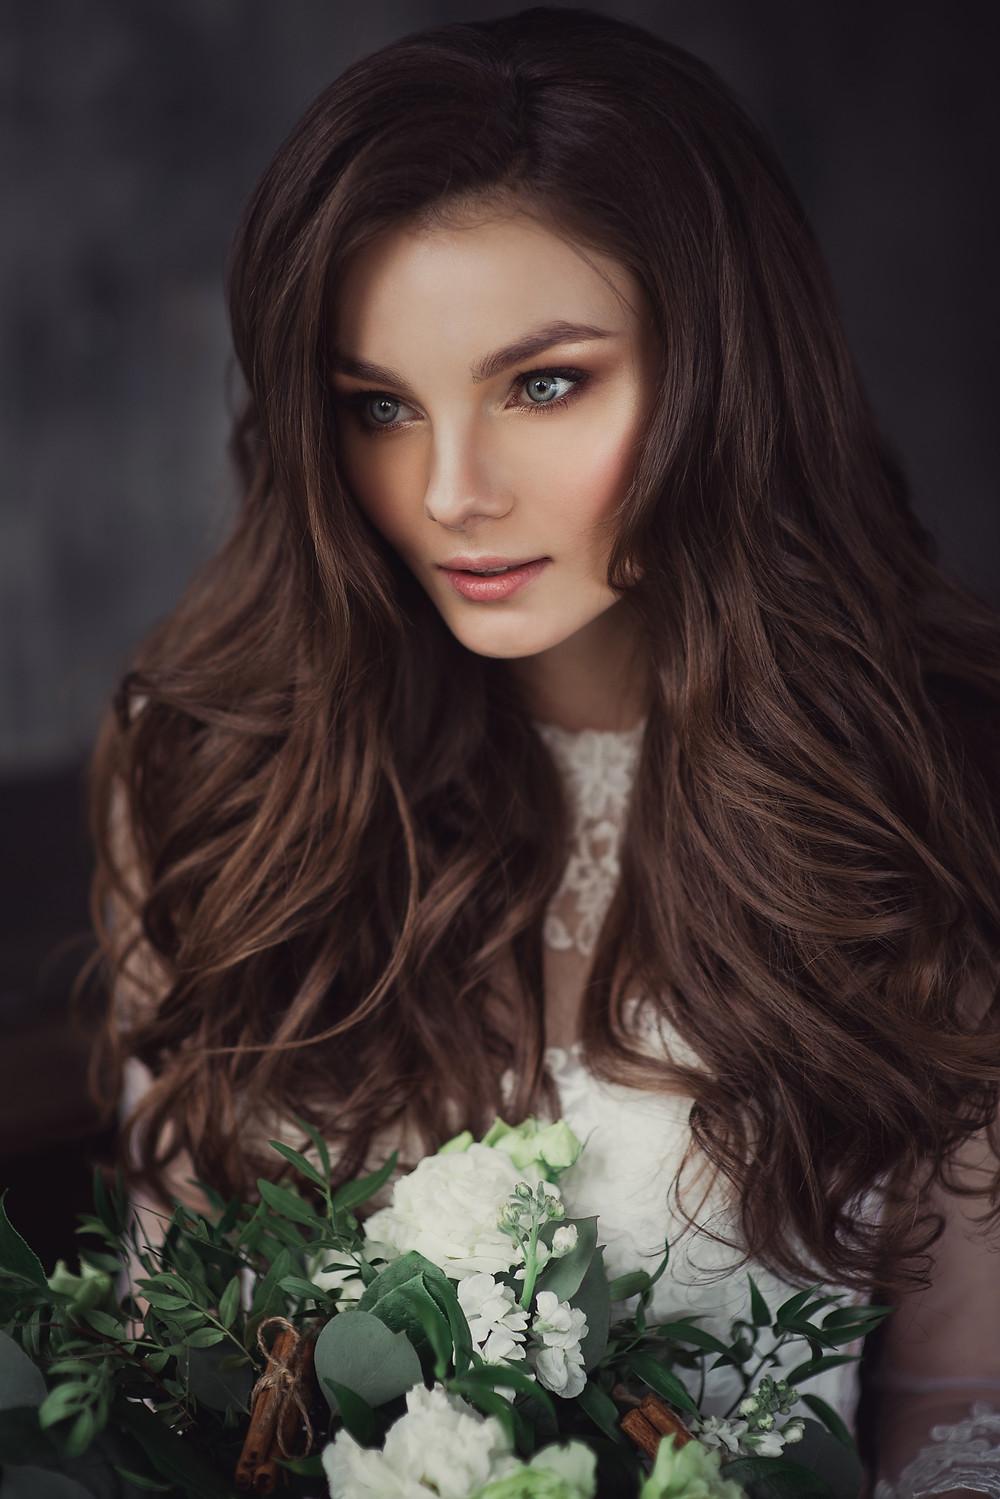 Фотосессия свадебных образов для портфолио стилиста